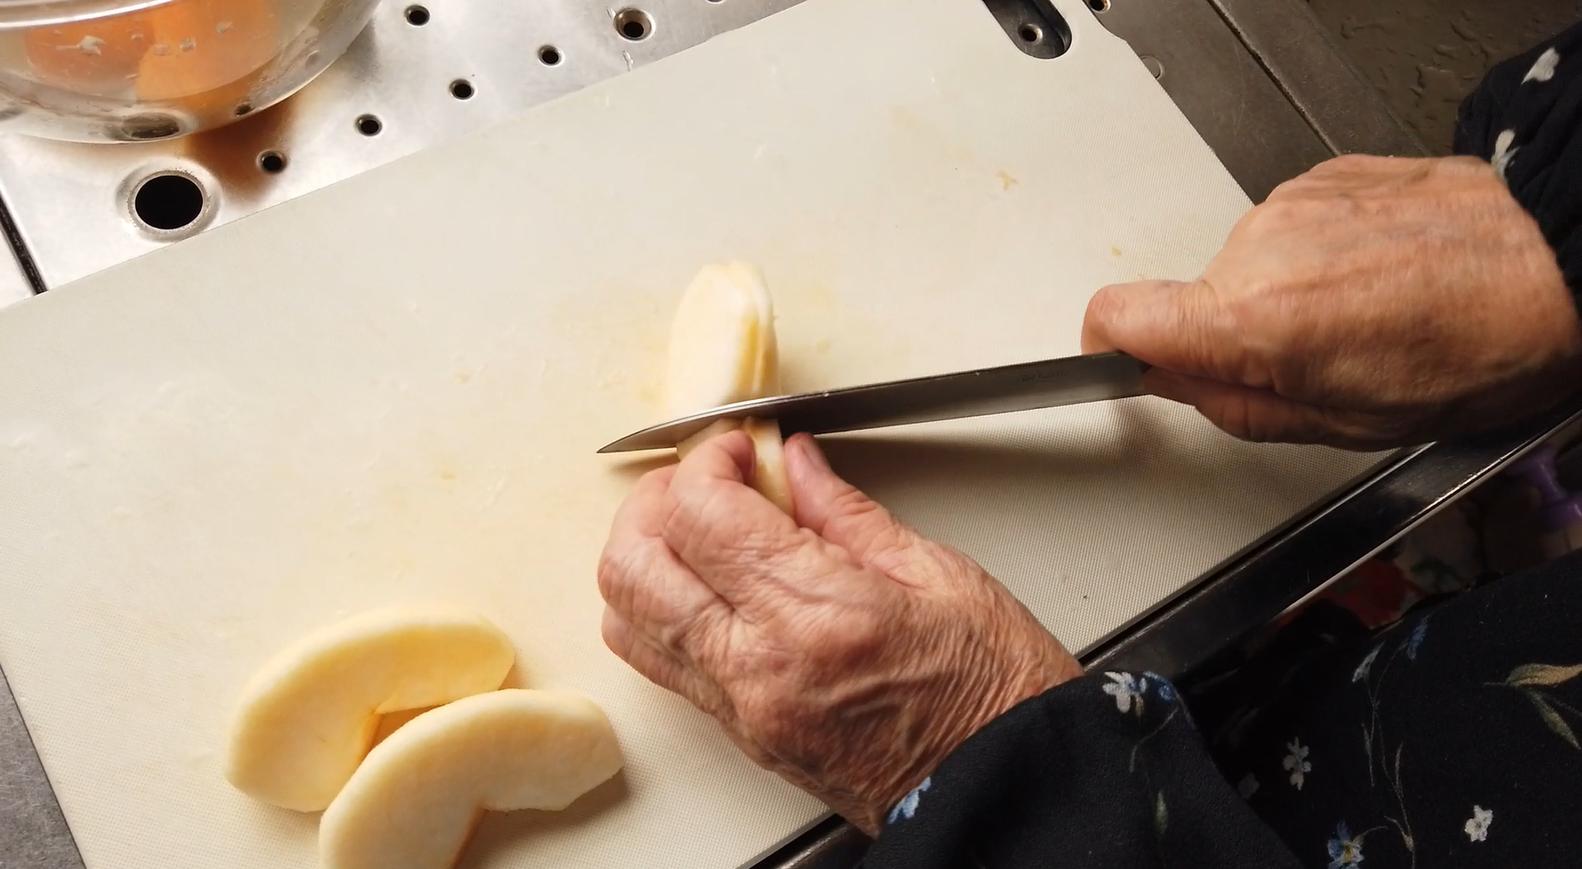 【柿とリンゴのマリネレシピ】4.漬けておいた柿とりんごを食べやすい大きさ(くし切りにしたものを縦横4等分)に切ります。